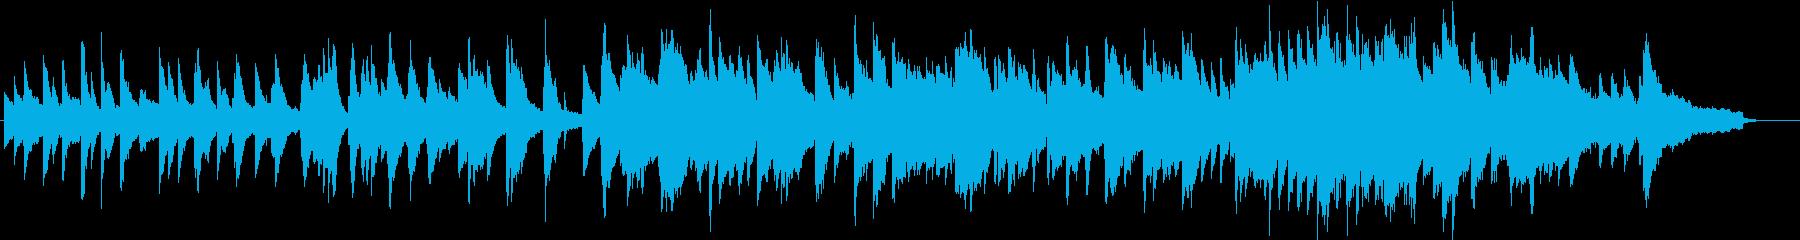 爽やかなイメージのピアノ曲の再生済みの波形